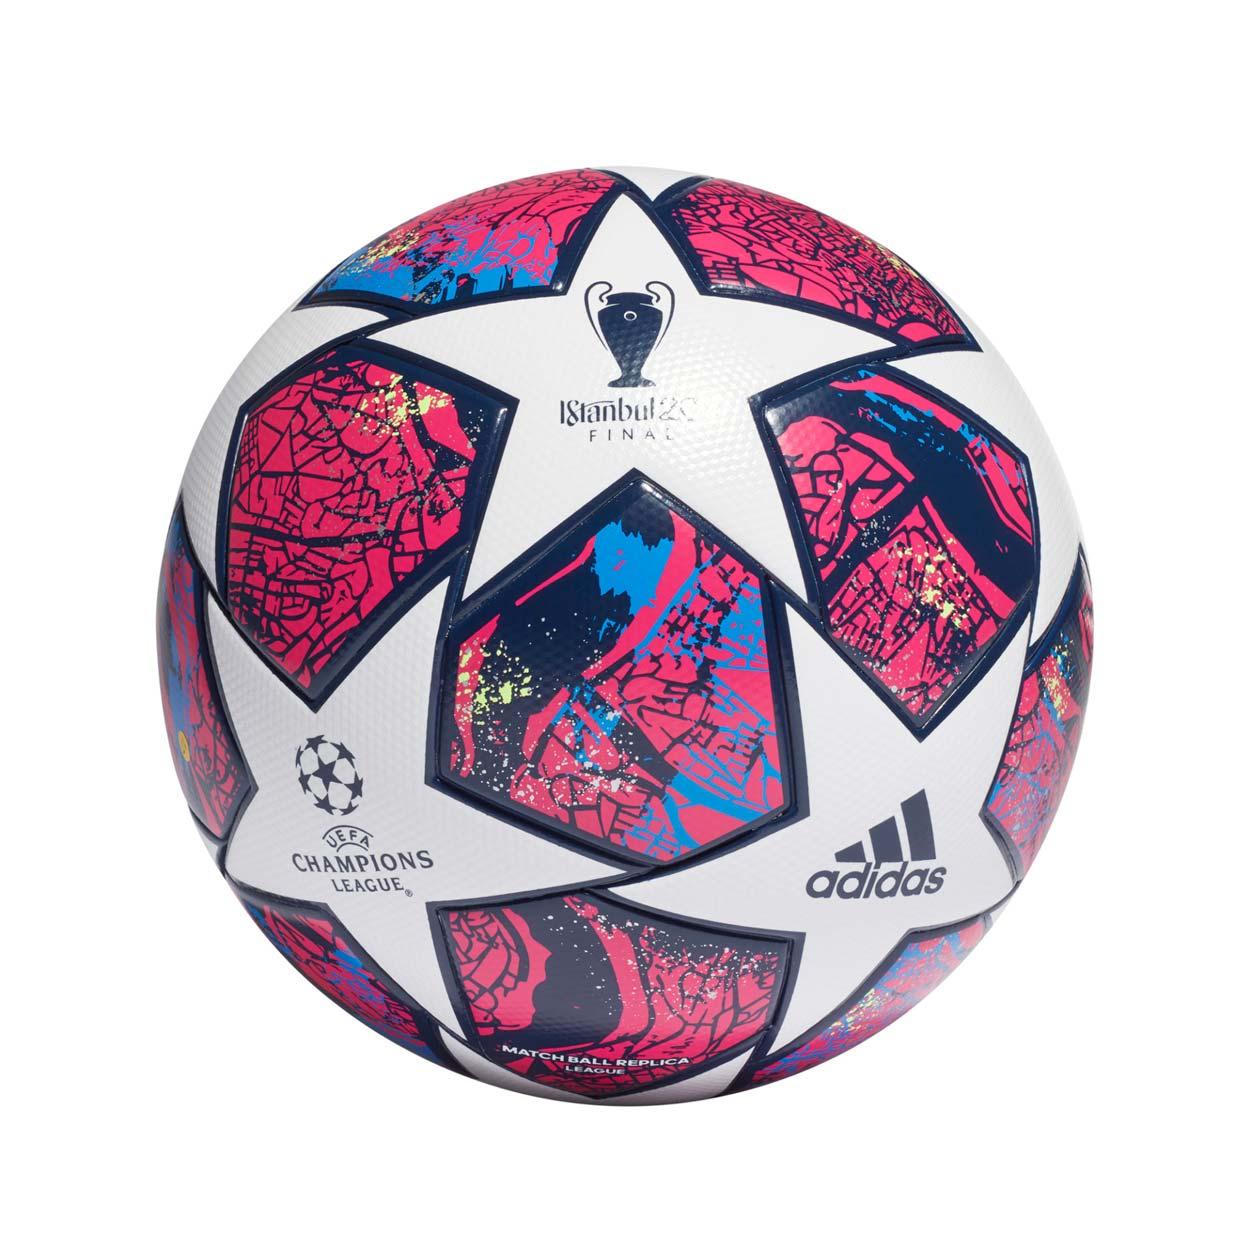 Ballon adidas de la Finale Champions League Istanbul 2020 VIEW 1